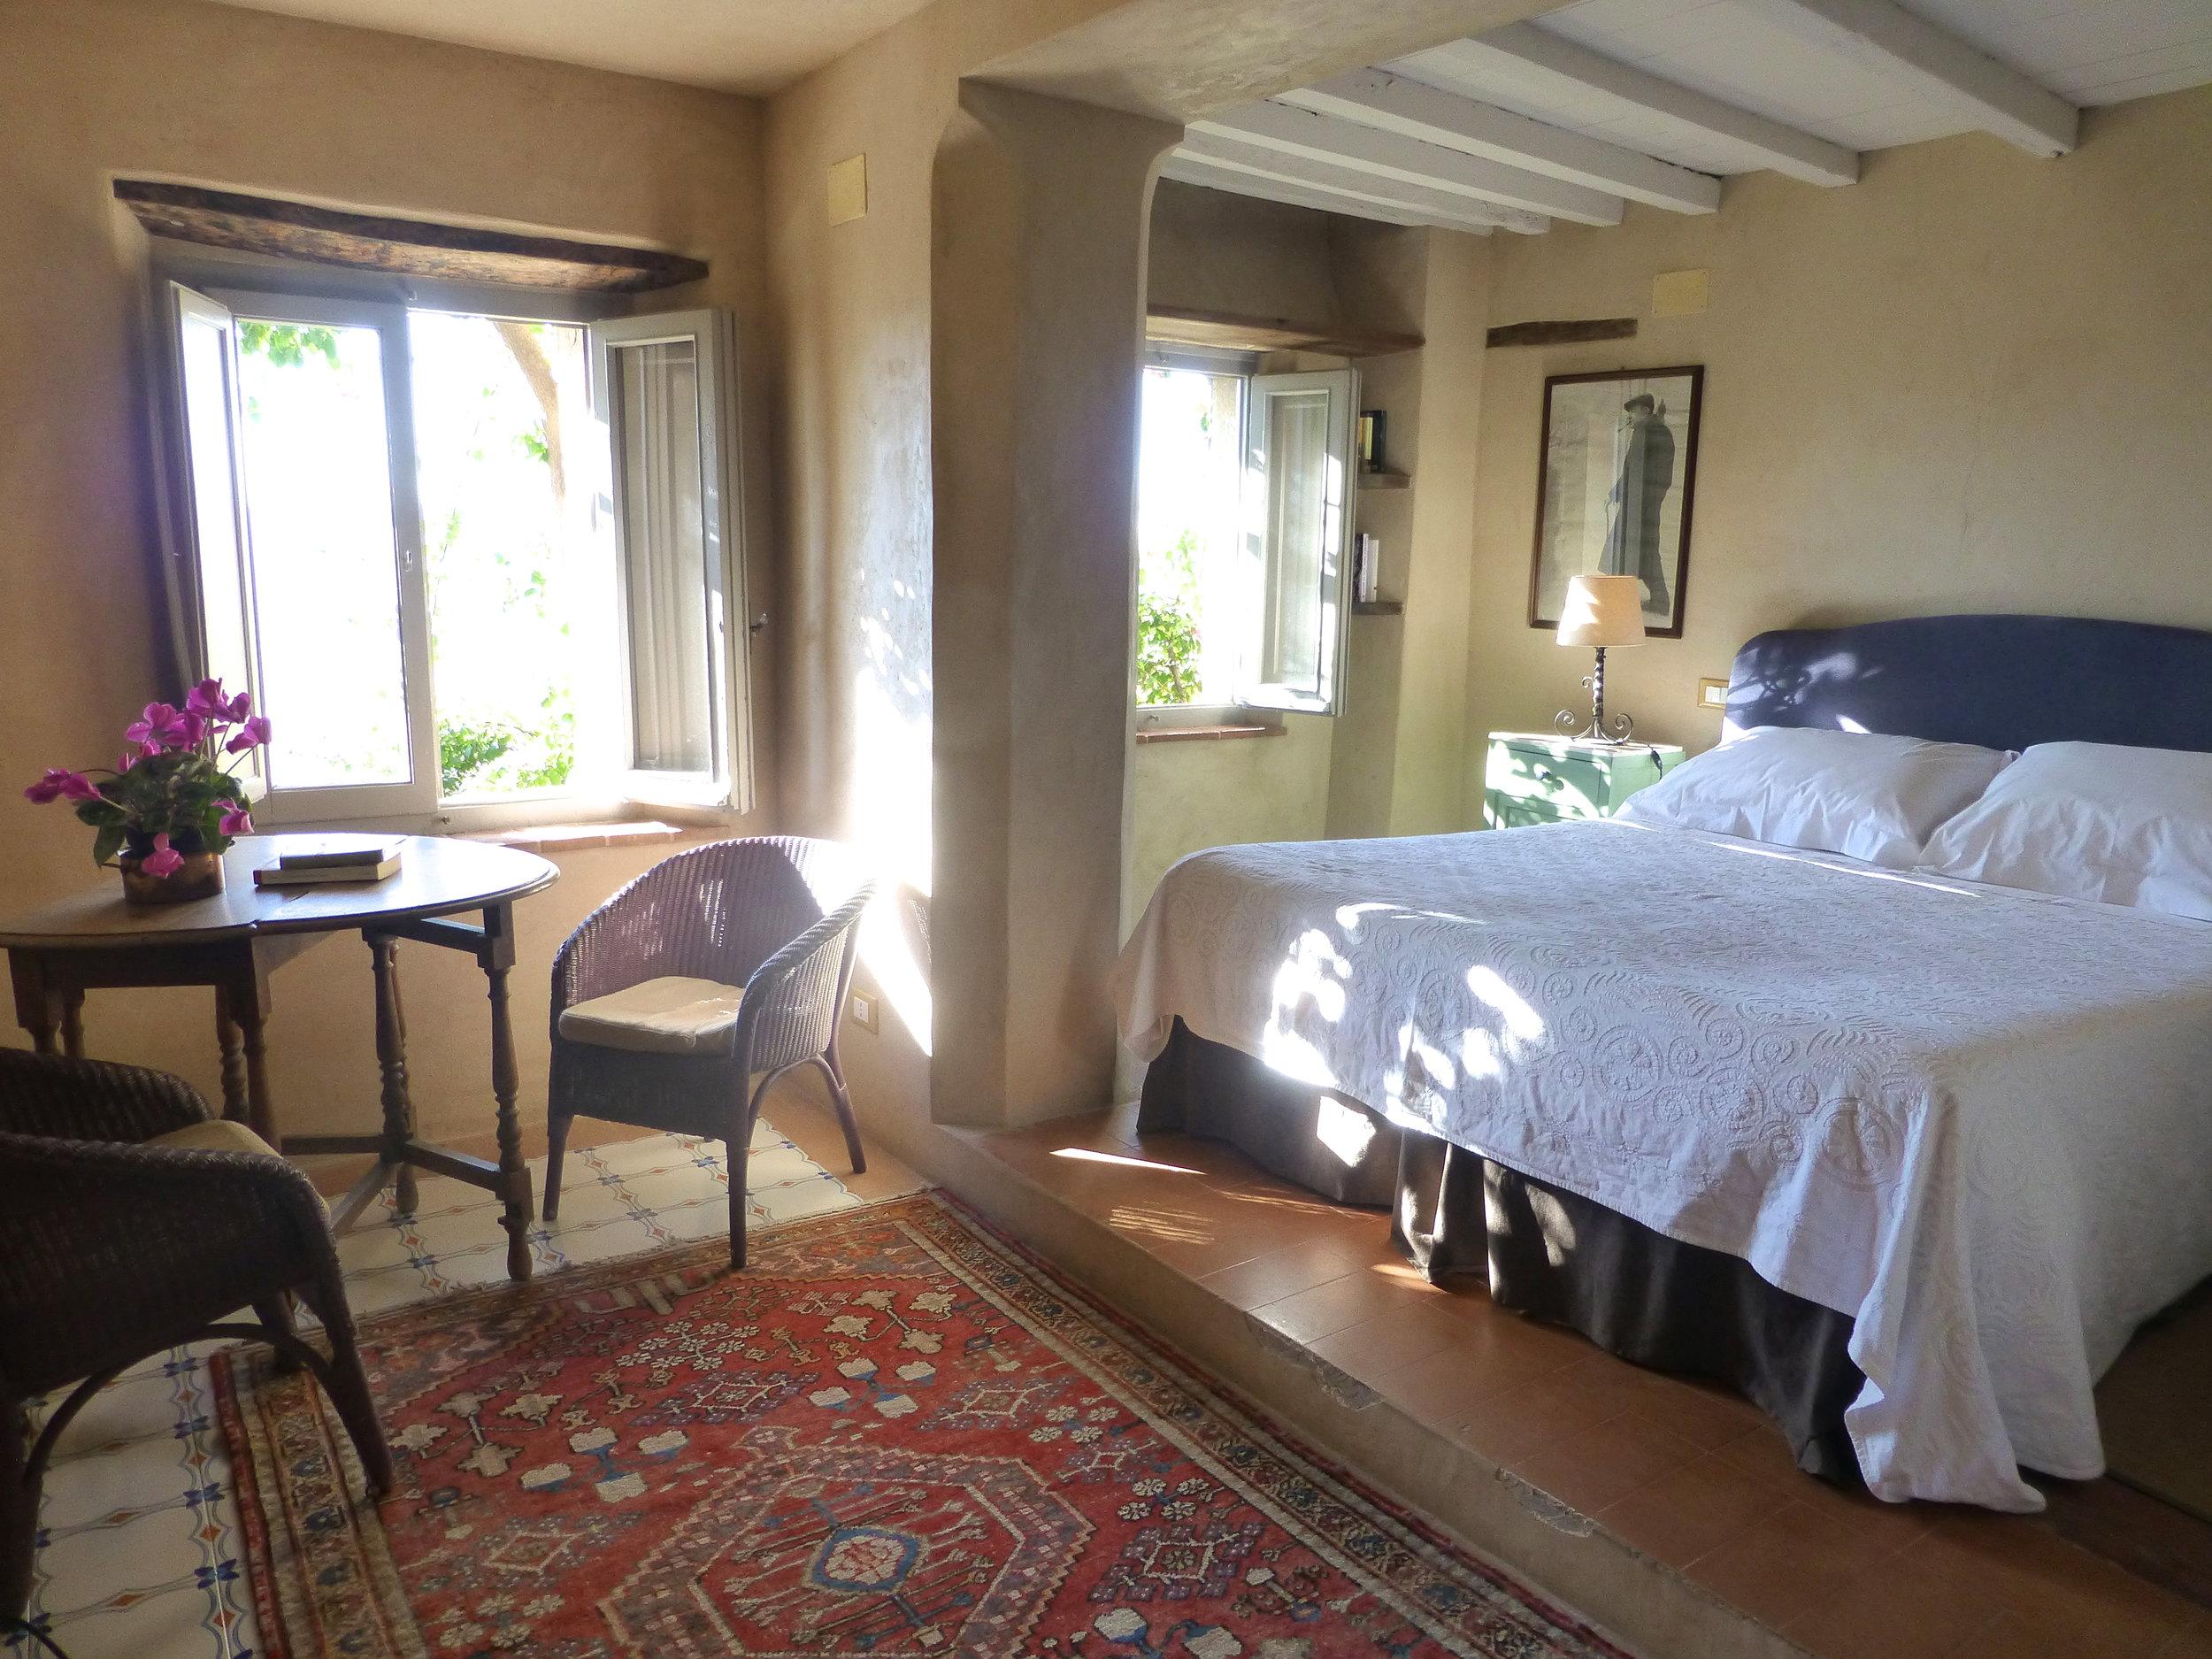 LAMBERTO bedroom.JPG